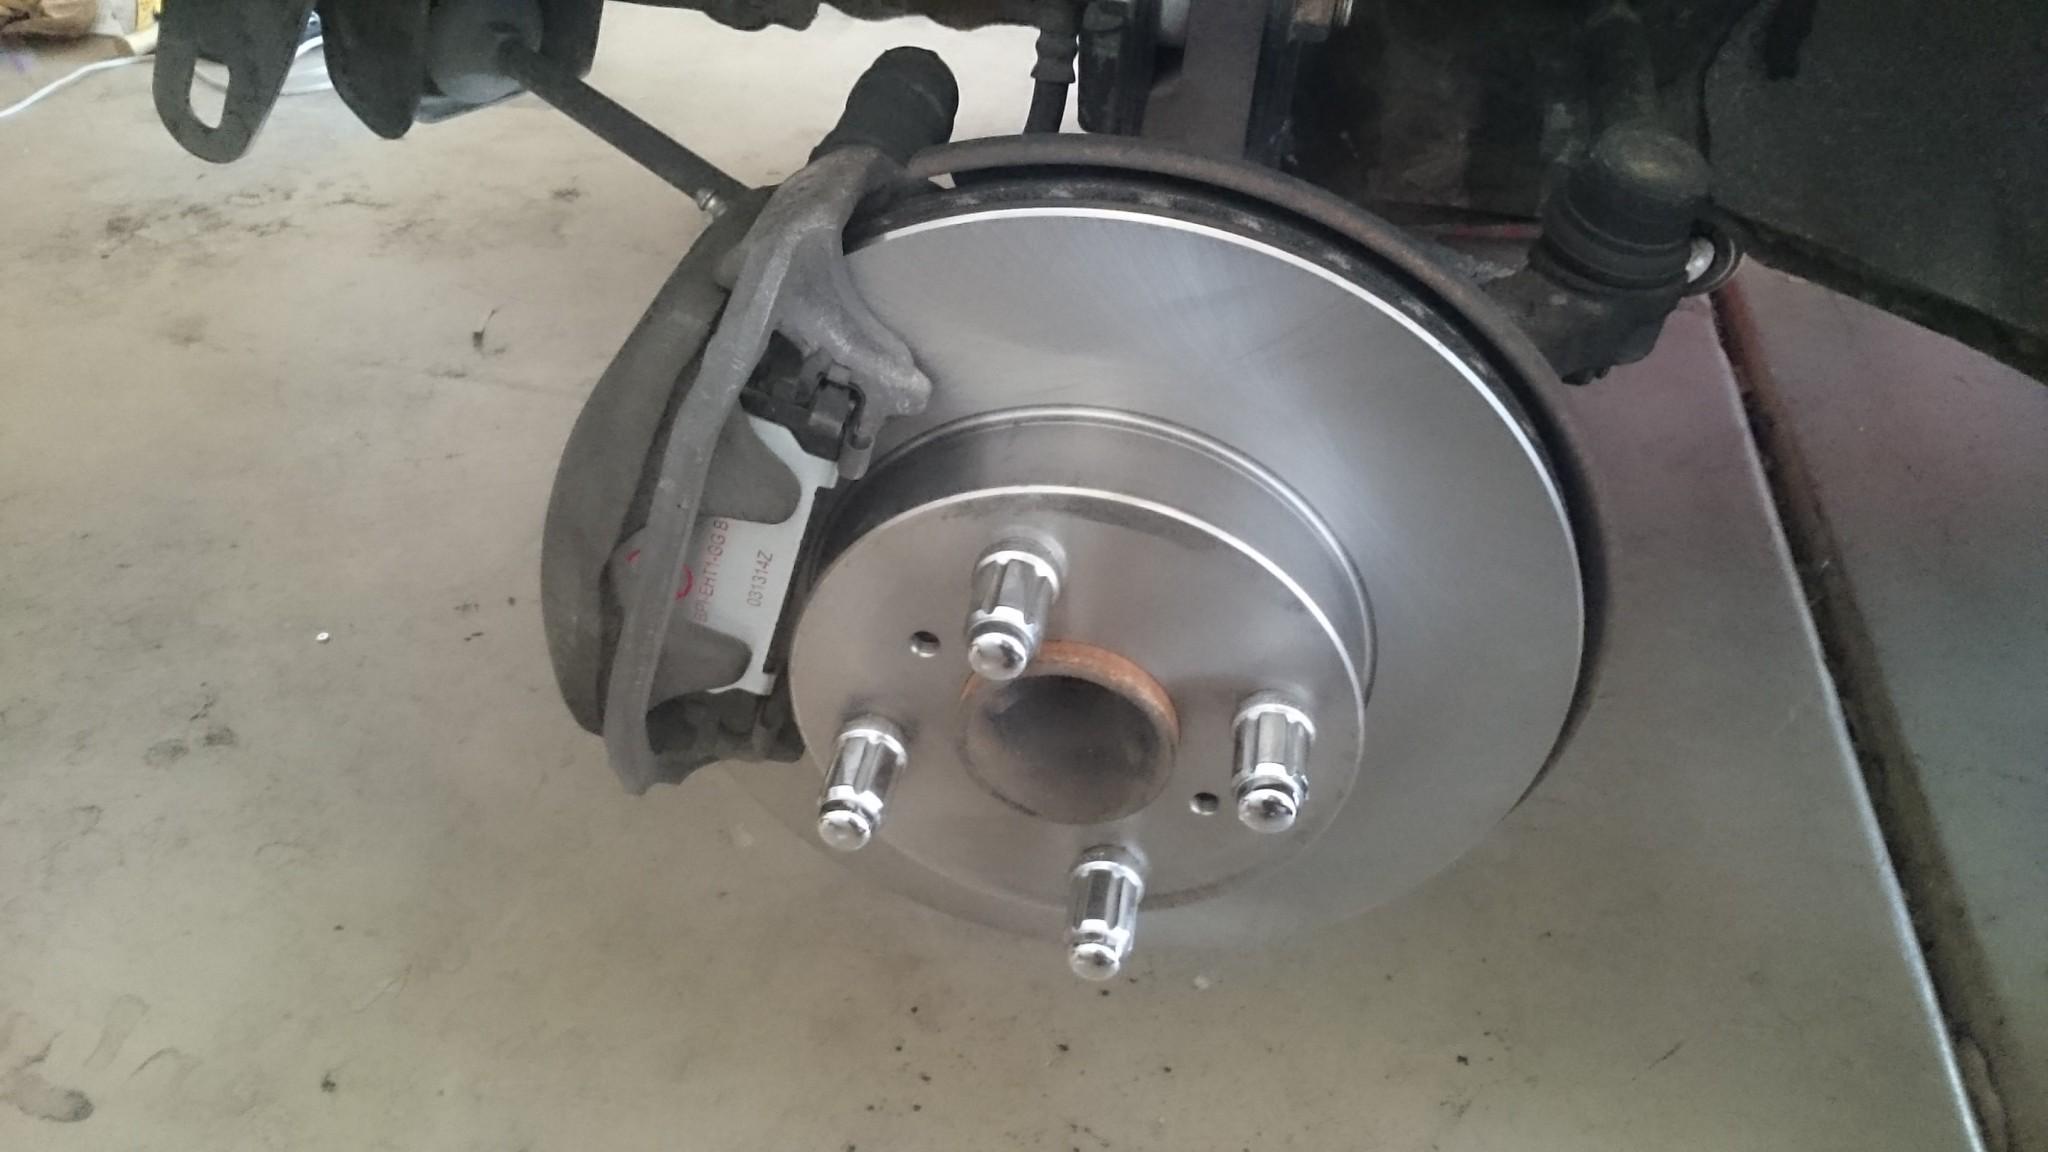 Car Brake assembly Diagram Brakes – Pads Rotors and Fluid – Mr2 Run Of Car Brake assembly Diagram